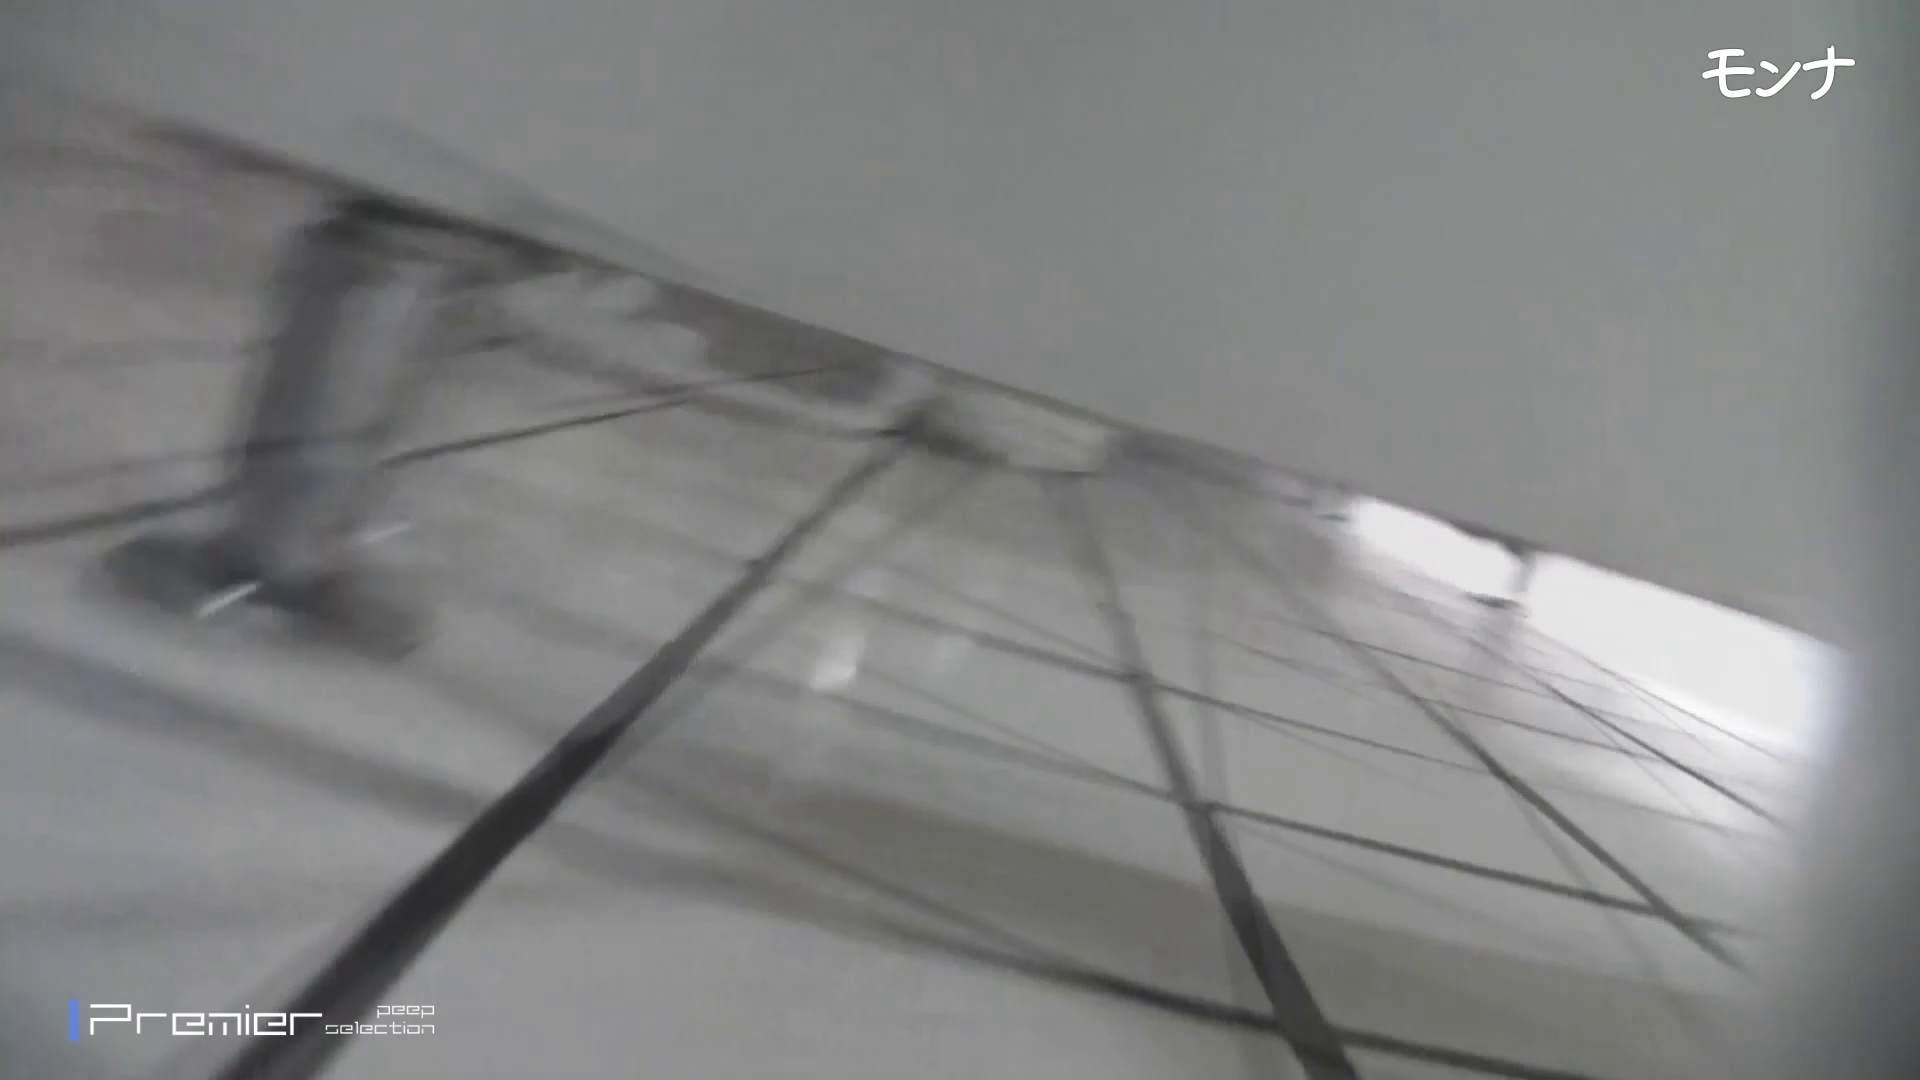 美しい日本の未来 No.73 自然なセクシーな仕草に感動中 盗撮映像大放出 おまんこ無修正動画無料 100連発 29